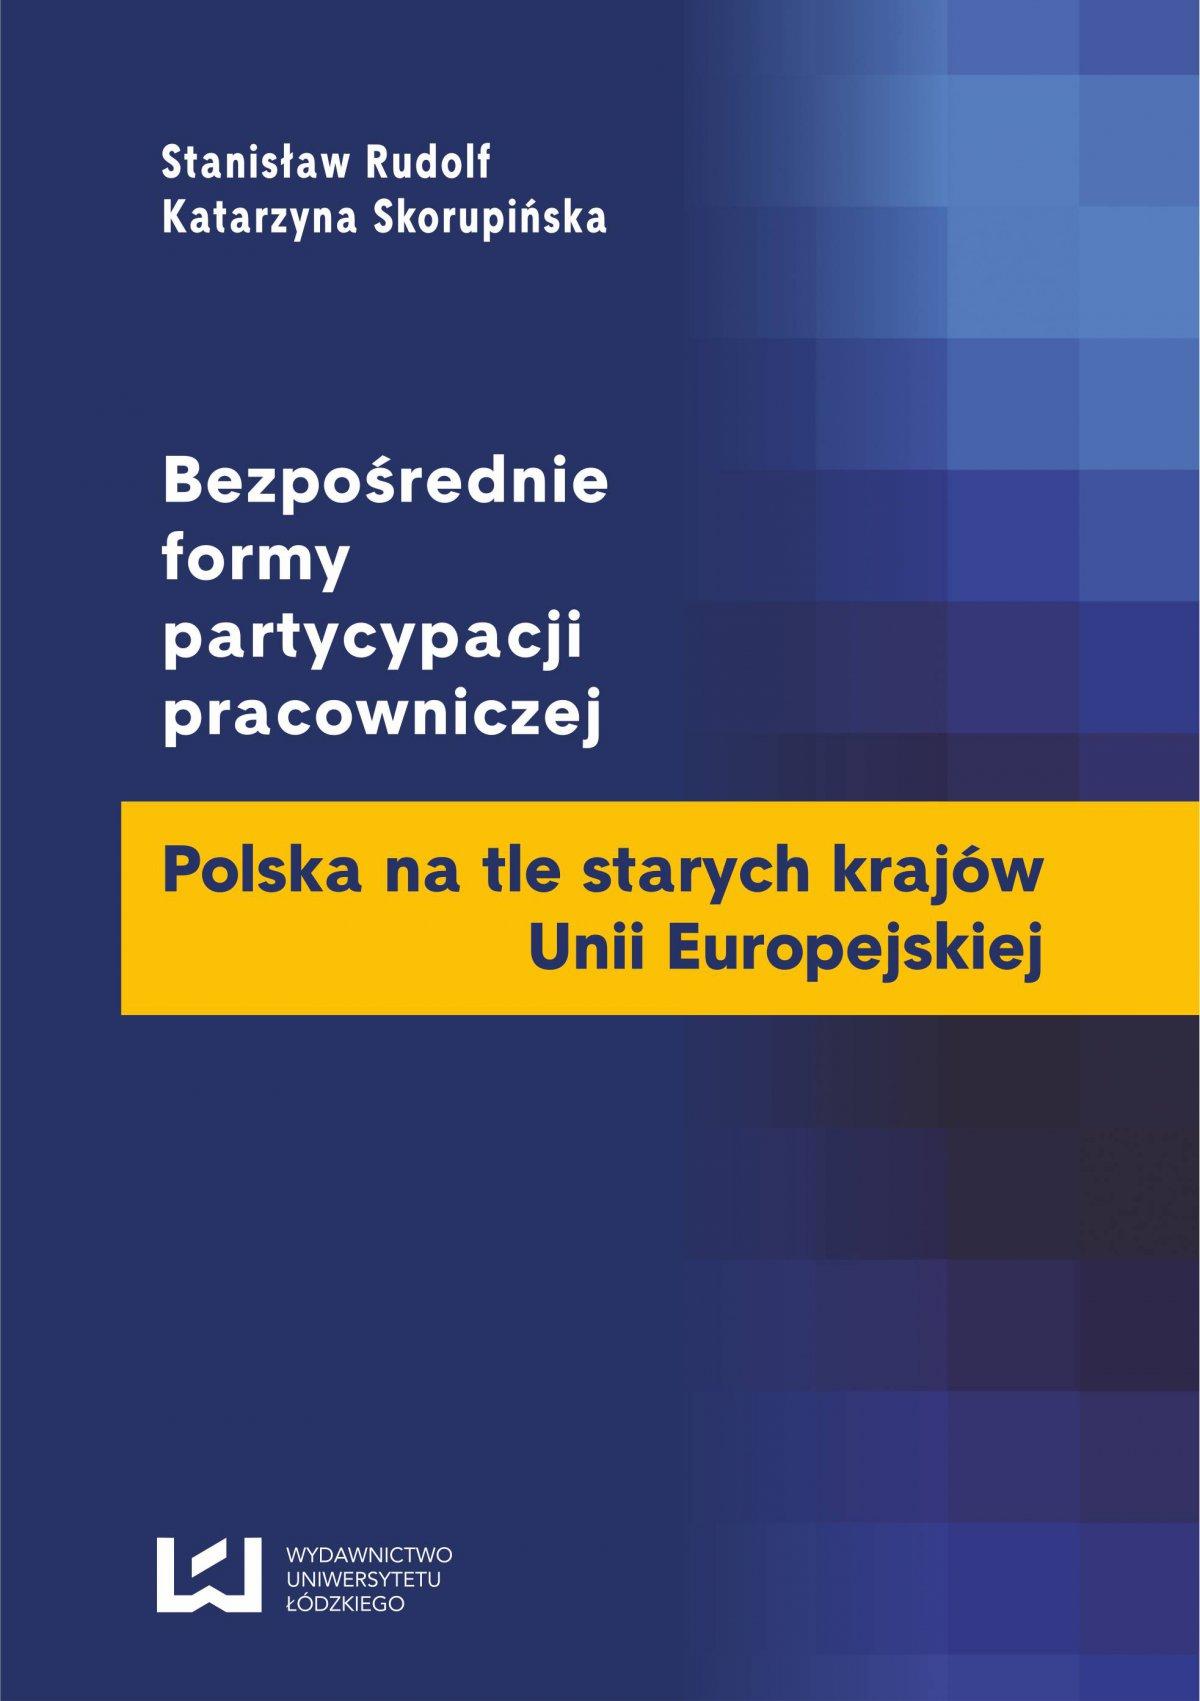 Bezpośrednie formy partycypacji pracowniczej. Polska na tle starych krajów Unii Europejskiej - Ebook (Książka PDF) do pobrania w formacie PDF